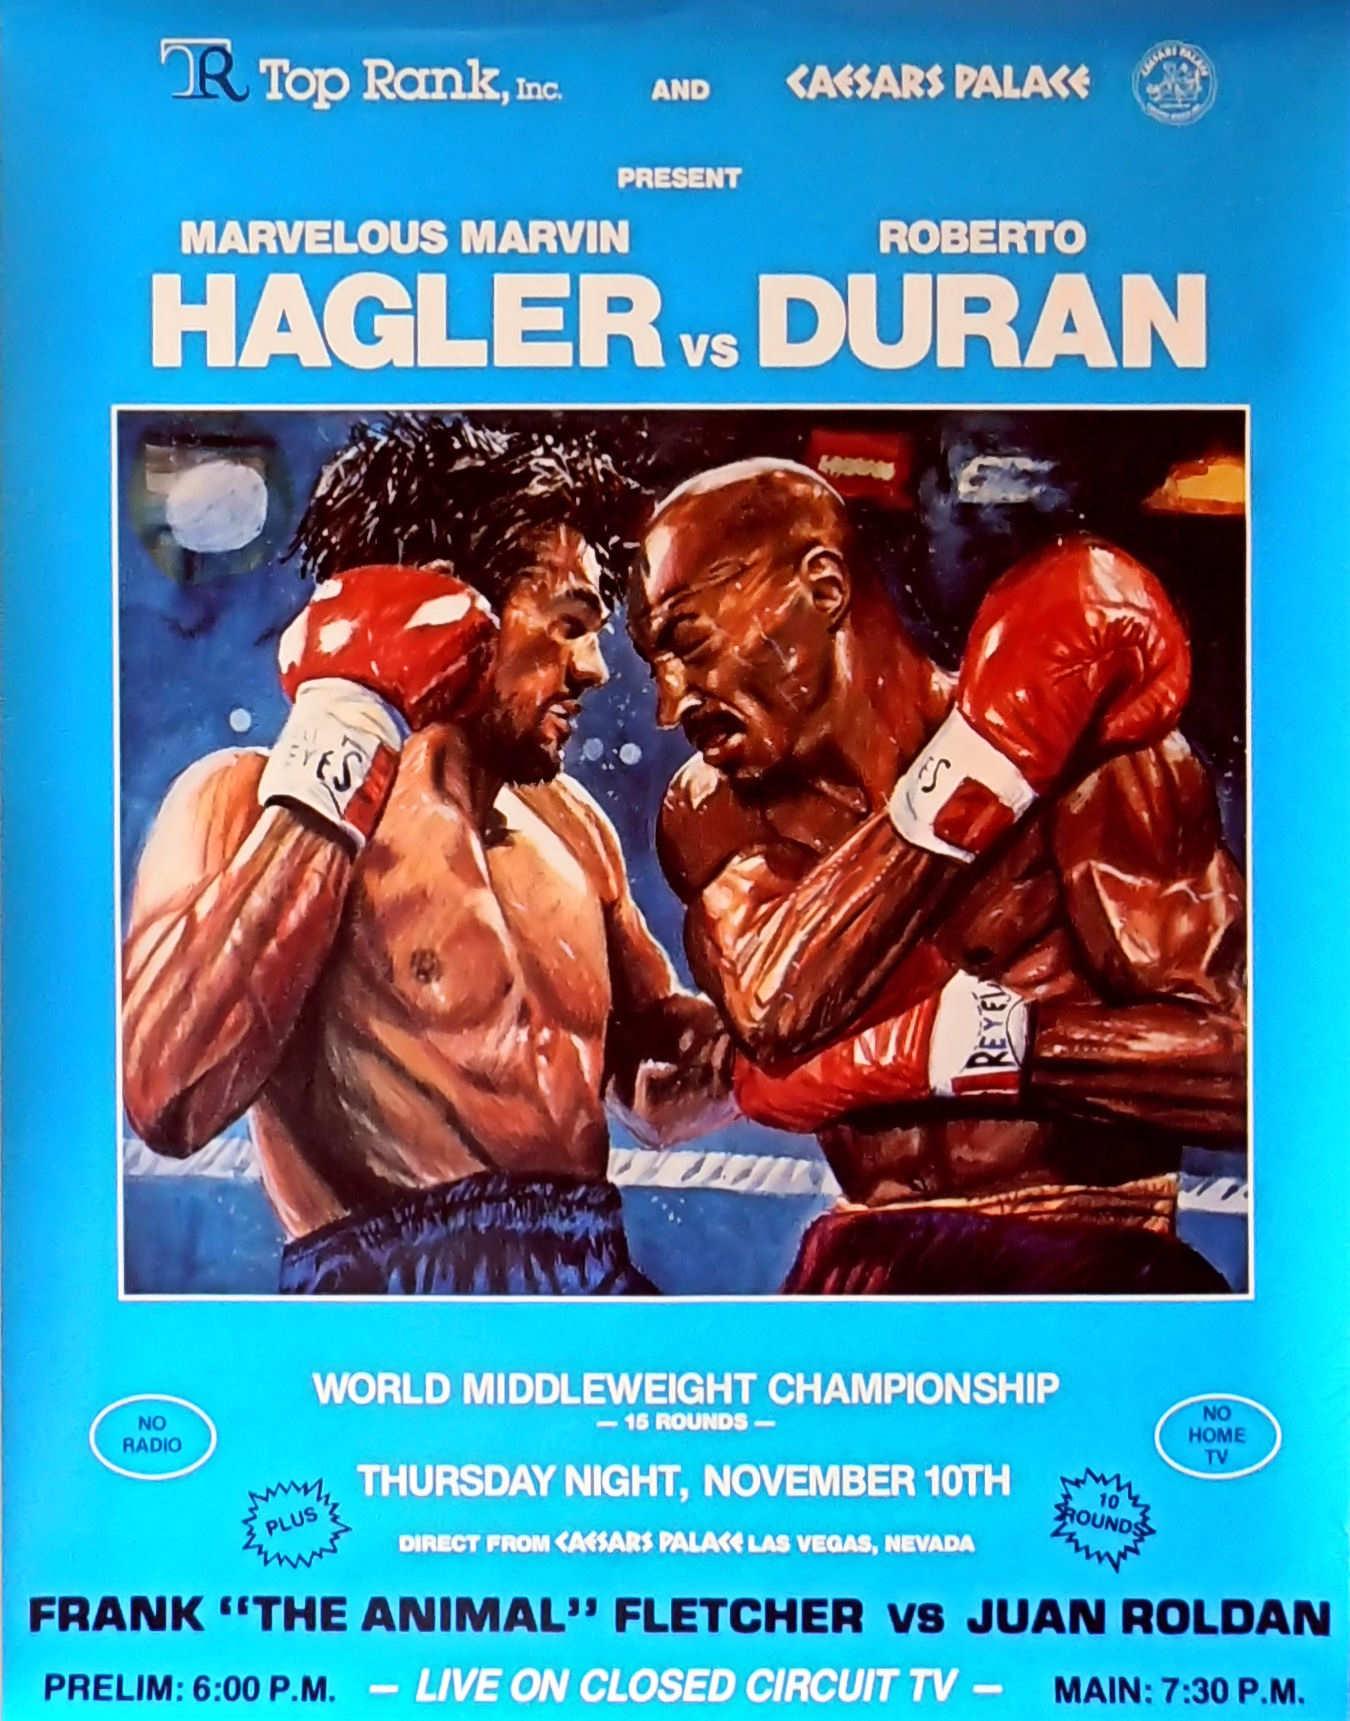 DURAN-HAGLER FIGHT PROGRAM